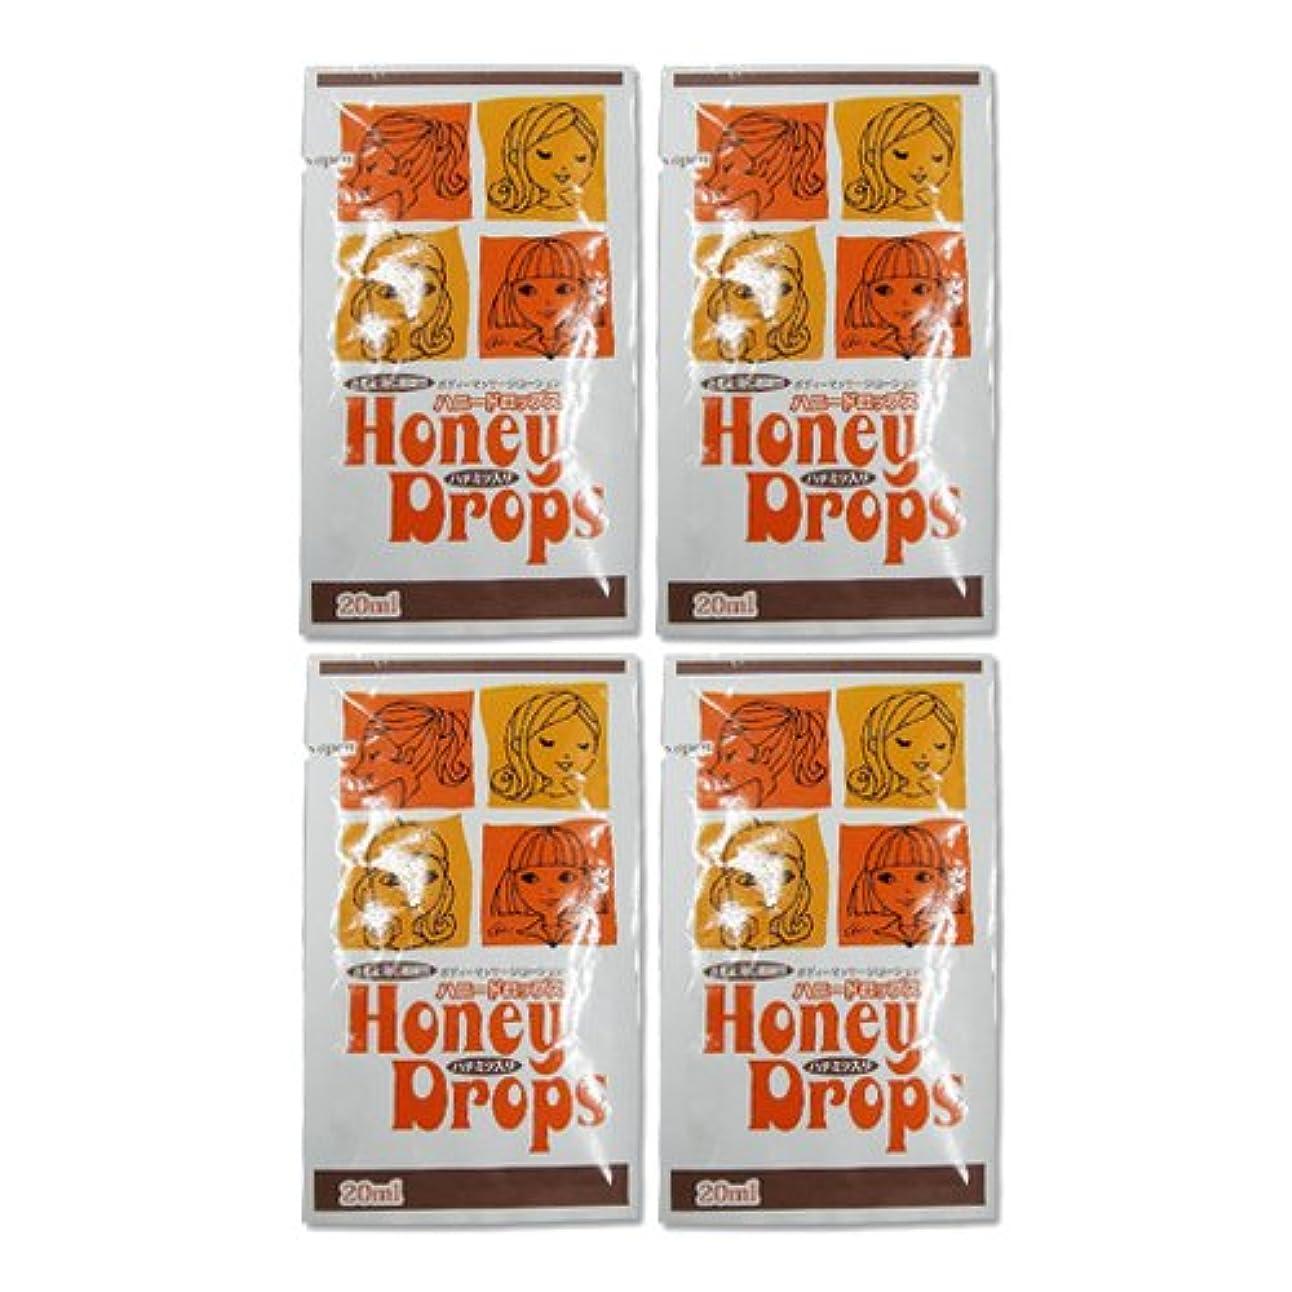 理由定常経度ハニードロップス(Honey Drops) 20ml 使い切りローション D柄 × 4個